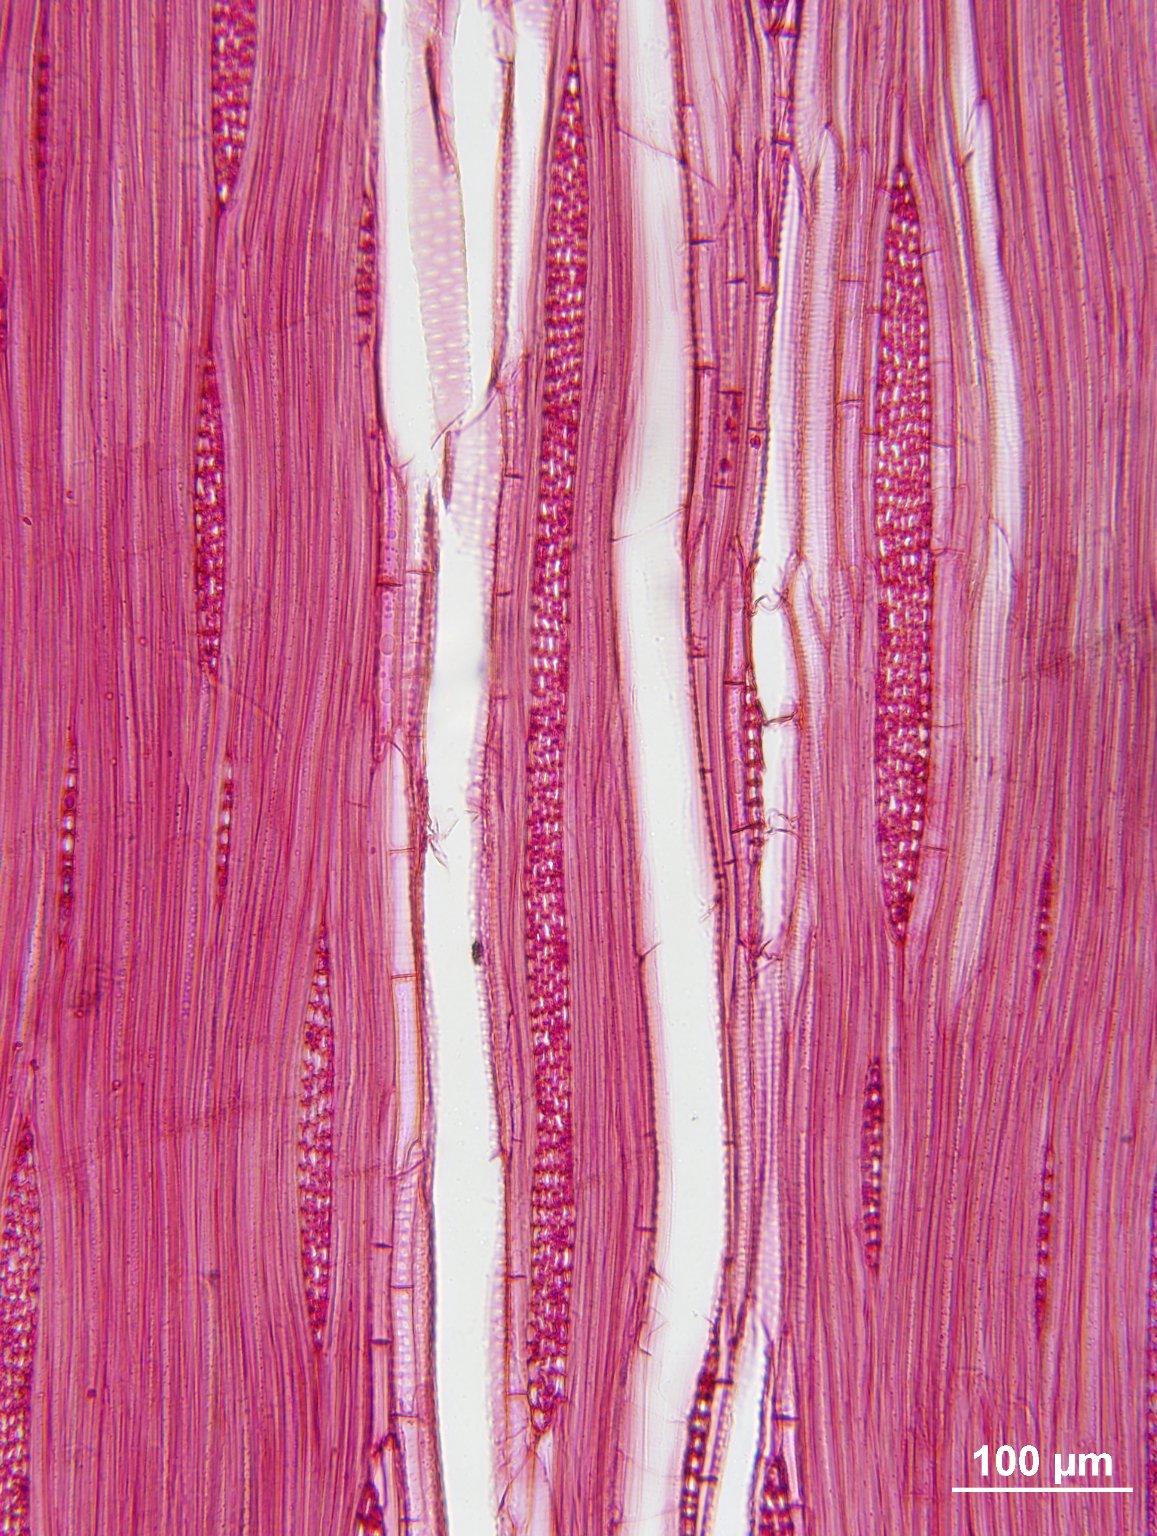 ULMACEAE Ulmus thomasii